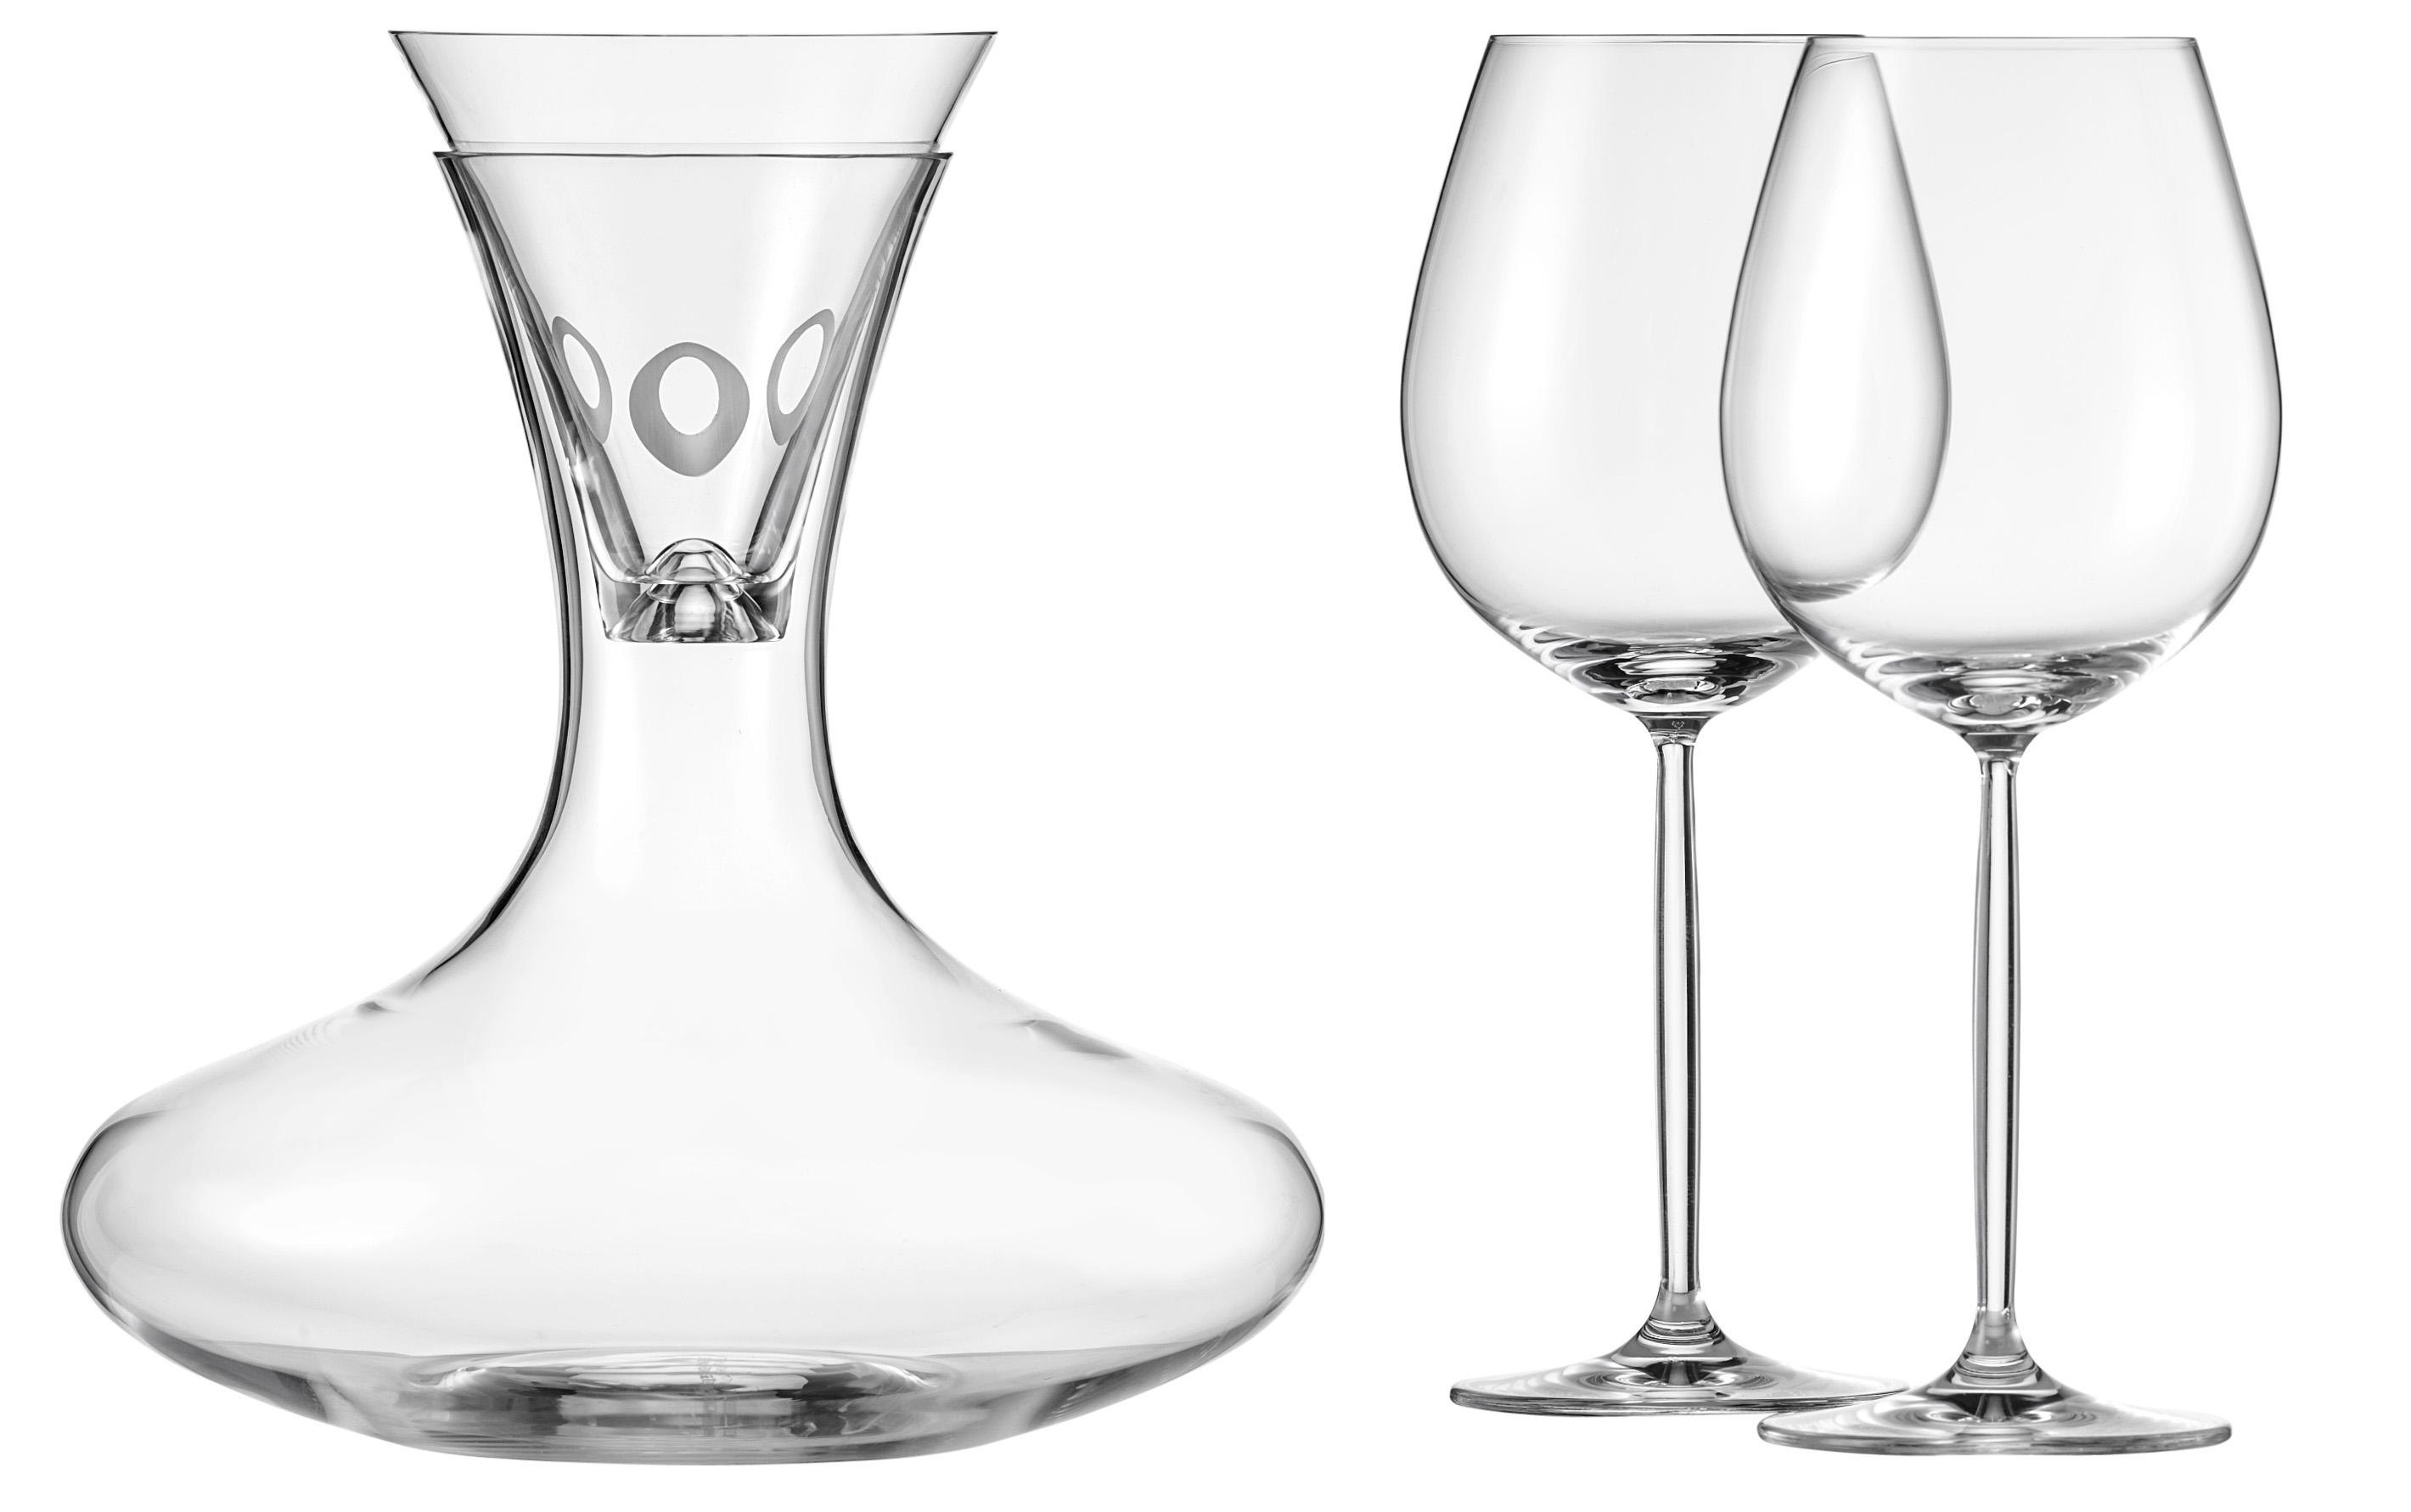 Decanter 1 L + trechter + 2 glazen - Diva